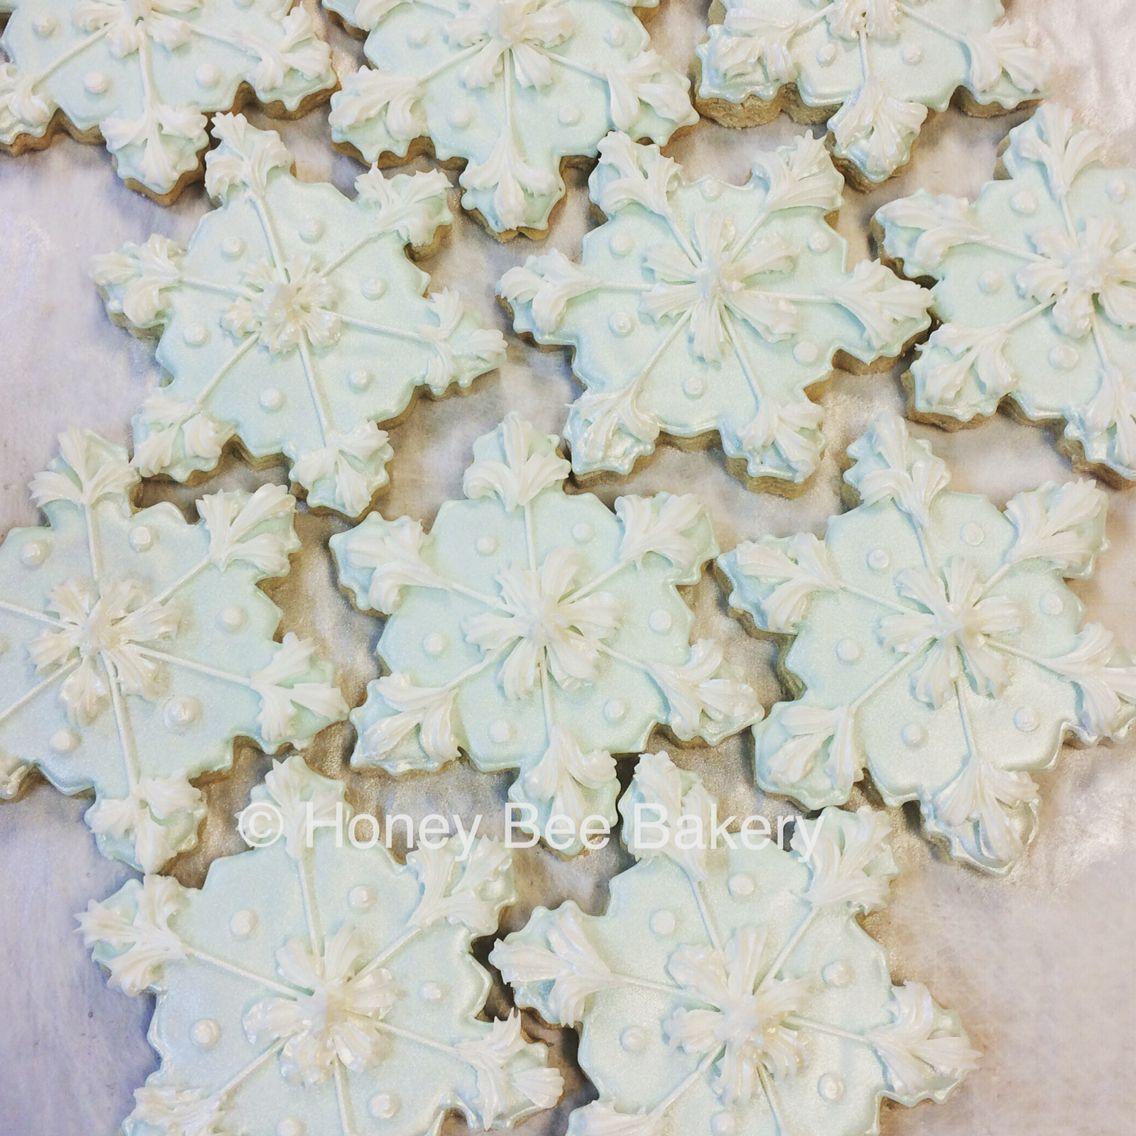 Snowflake cookies ❄️❄️❄️❤️❤️❤️ #icedsugarcookies #snowflakecookie #madebyhand #madefromscratch #honeybeebakery #honeybeecookies